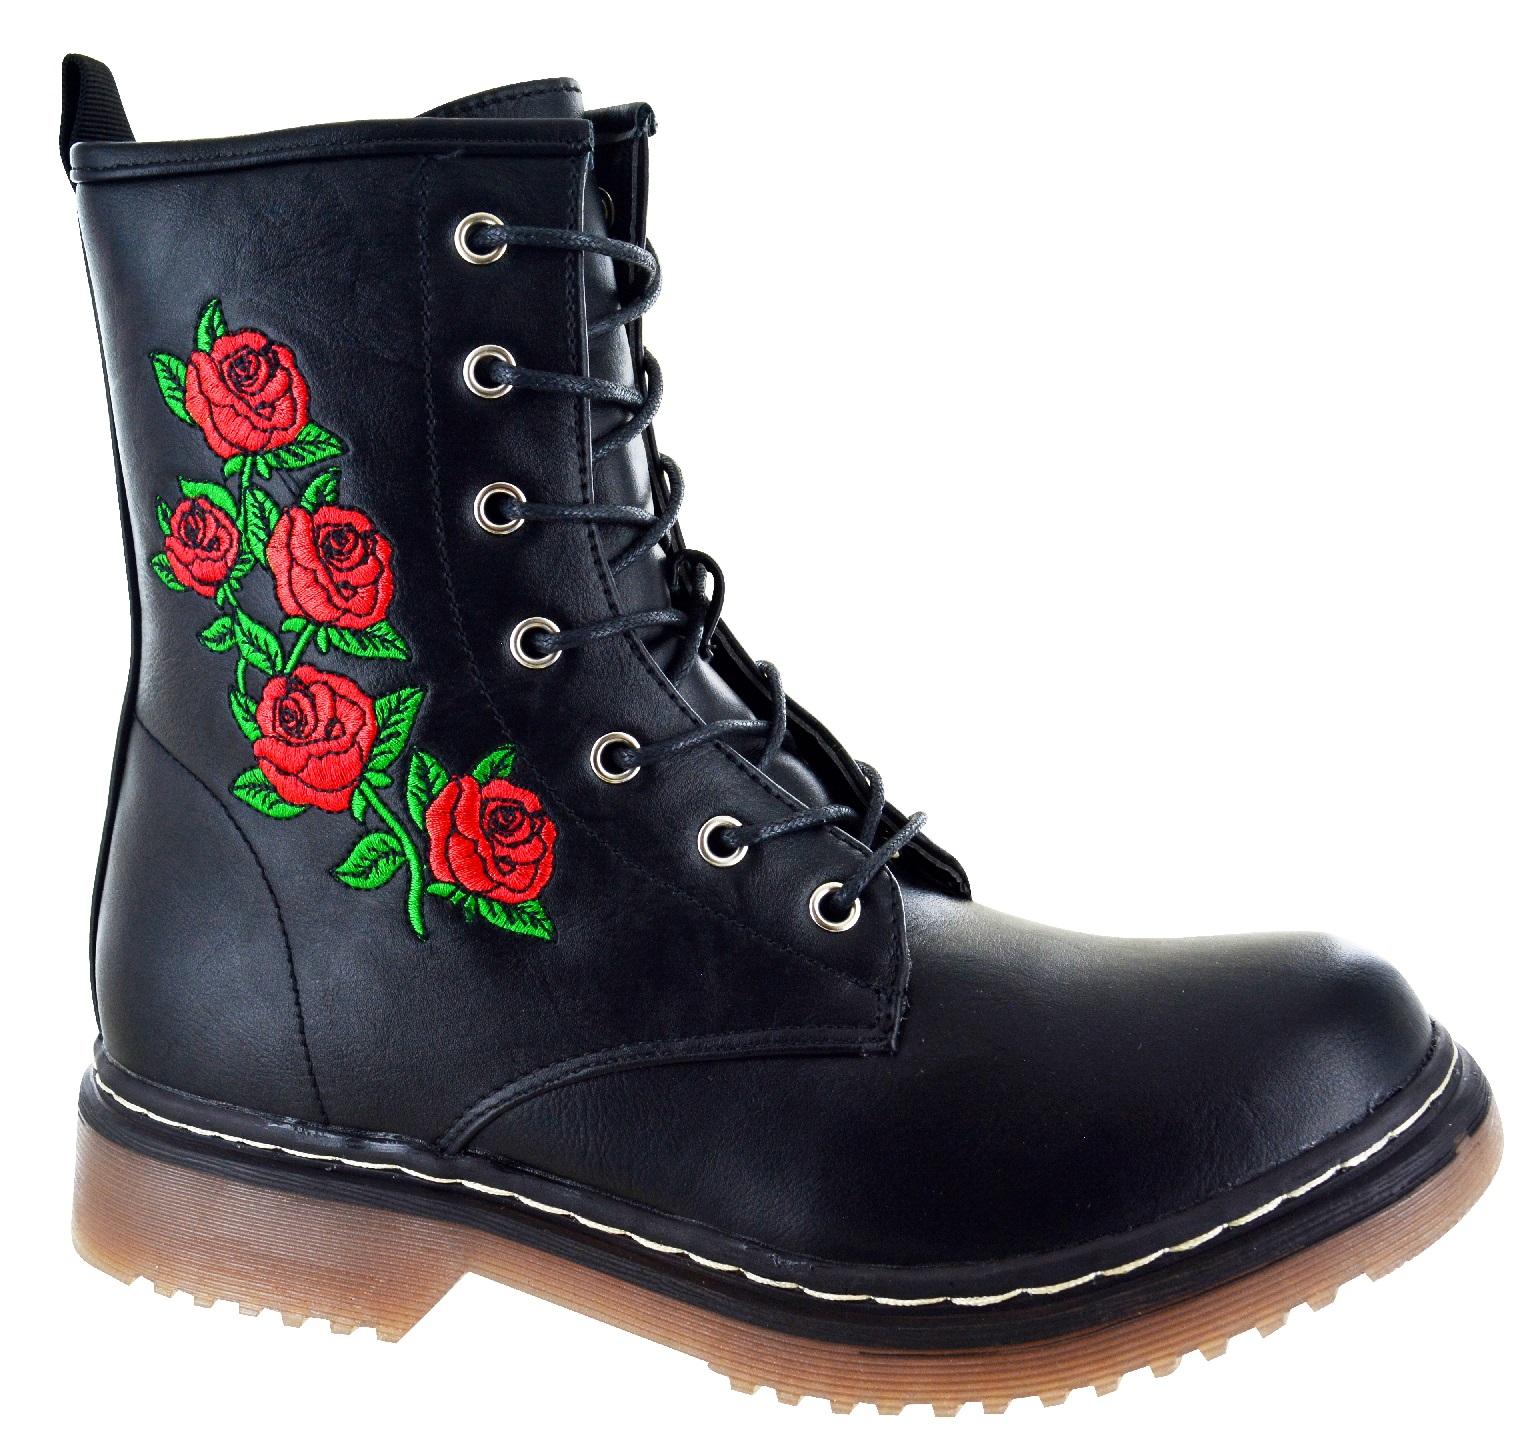 Femme à Lacets Fermeture Éclair Femmes Fleur Rose Punk Goth Retro Combat Boots Sz 3-8